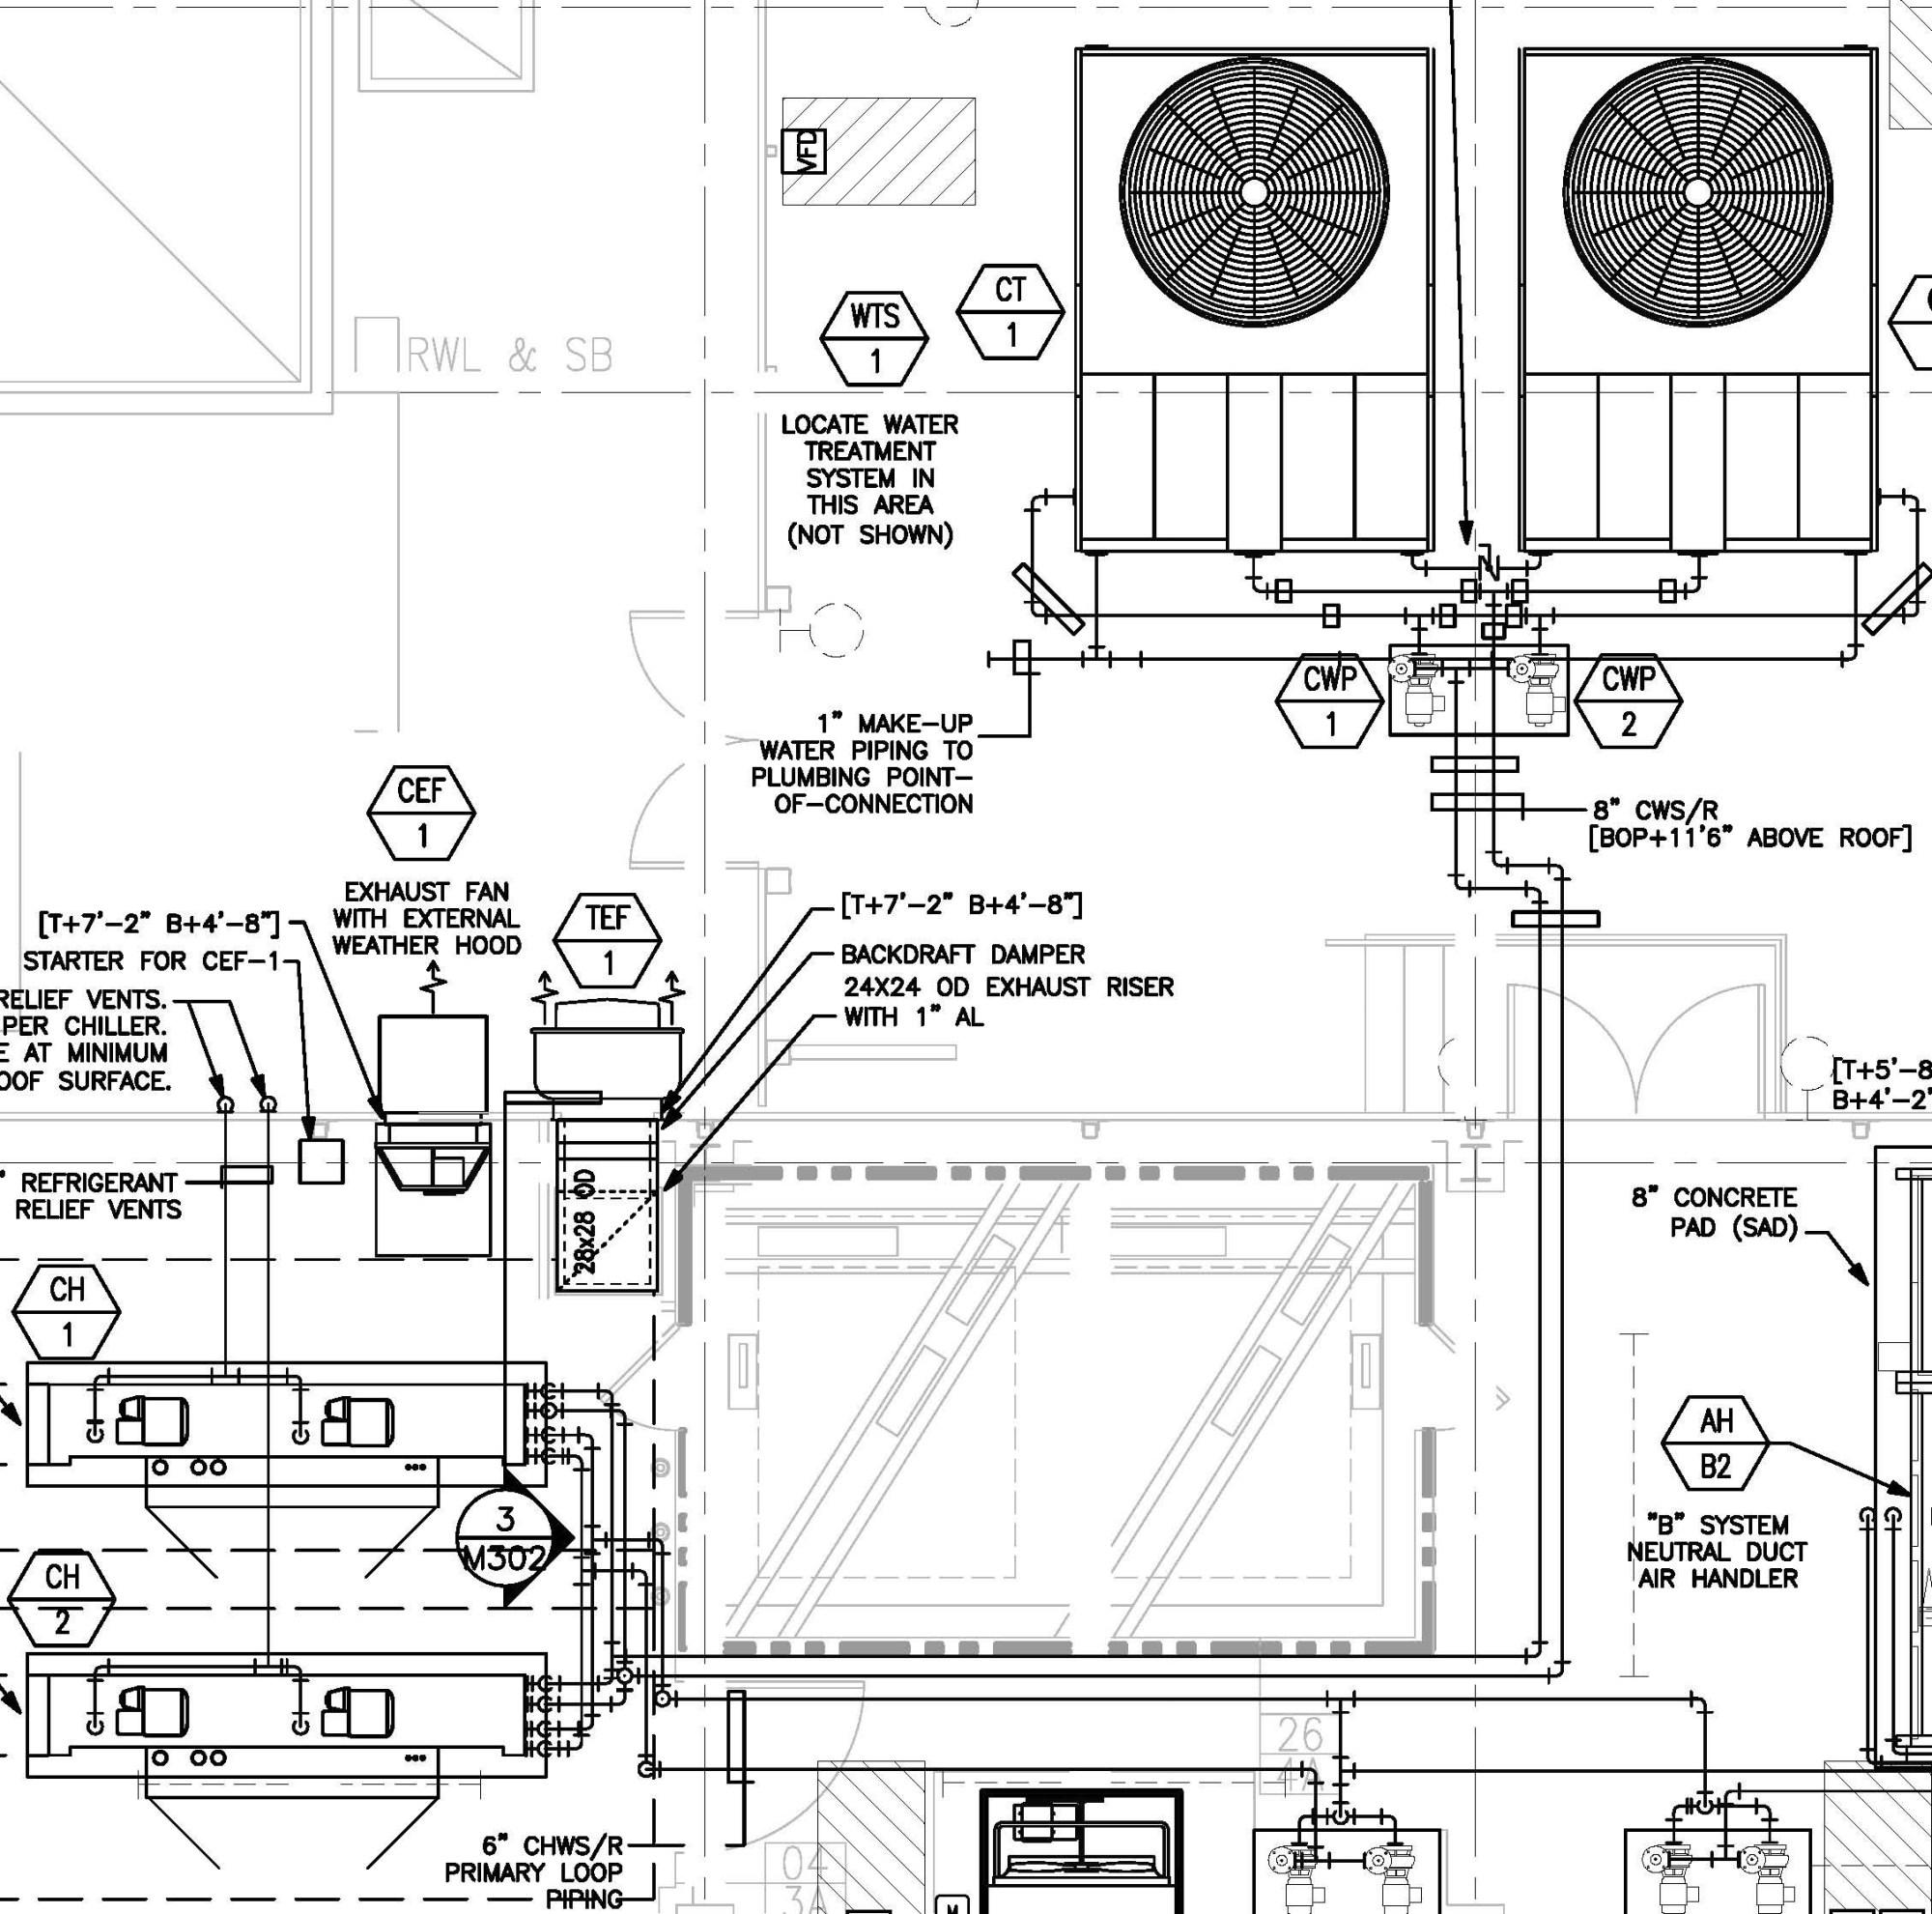 hight resolution of eim wiring diagram eim valve wiring diagram wiring library honeywell eim actuator wiring diagram wiring diagram